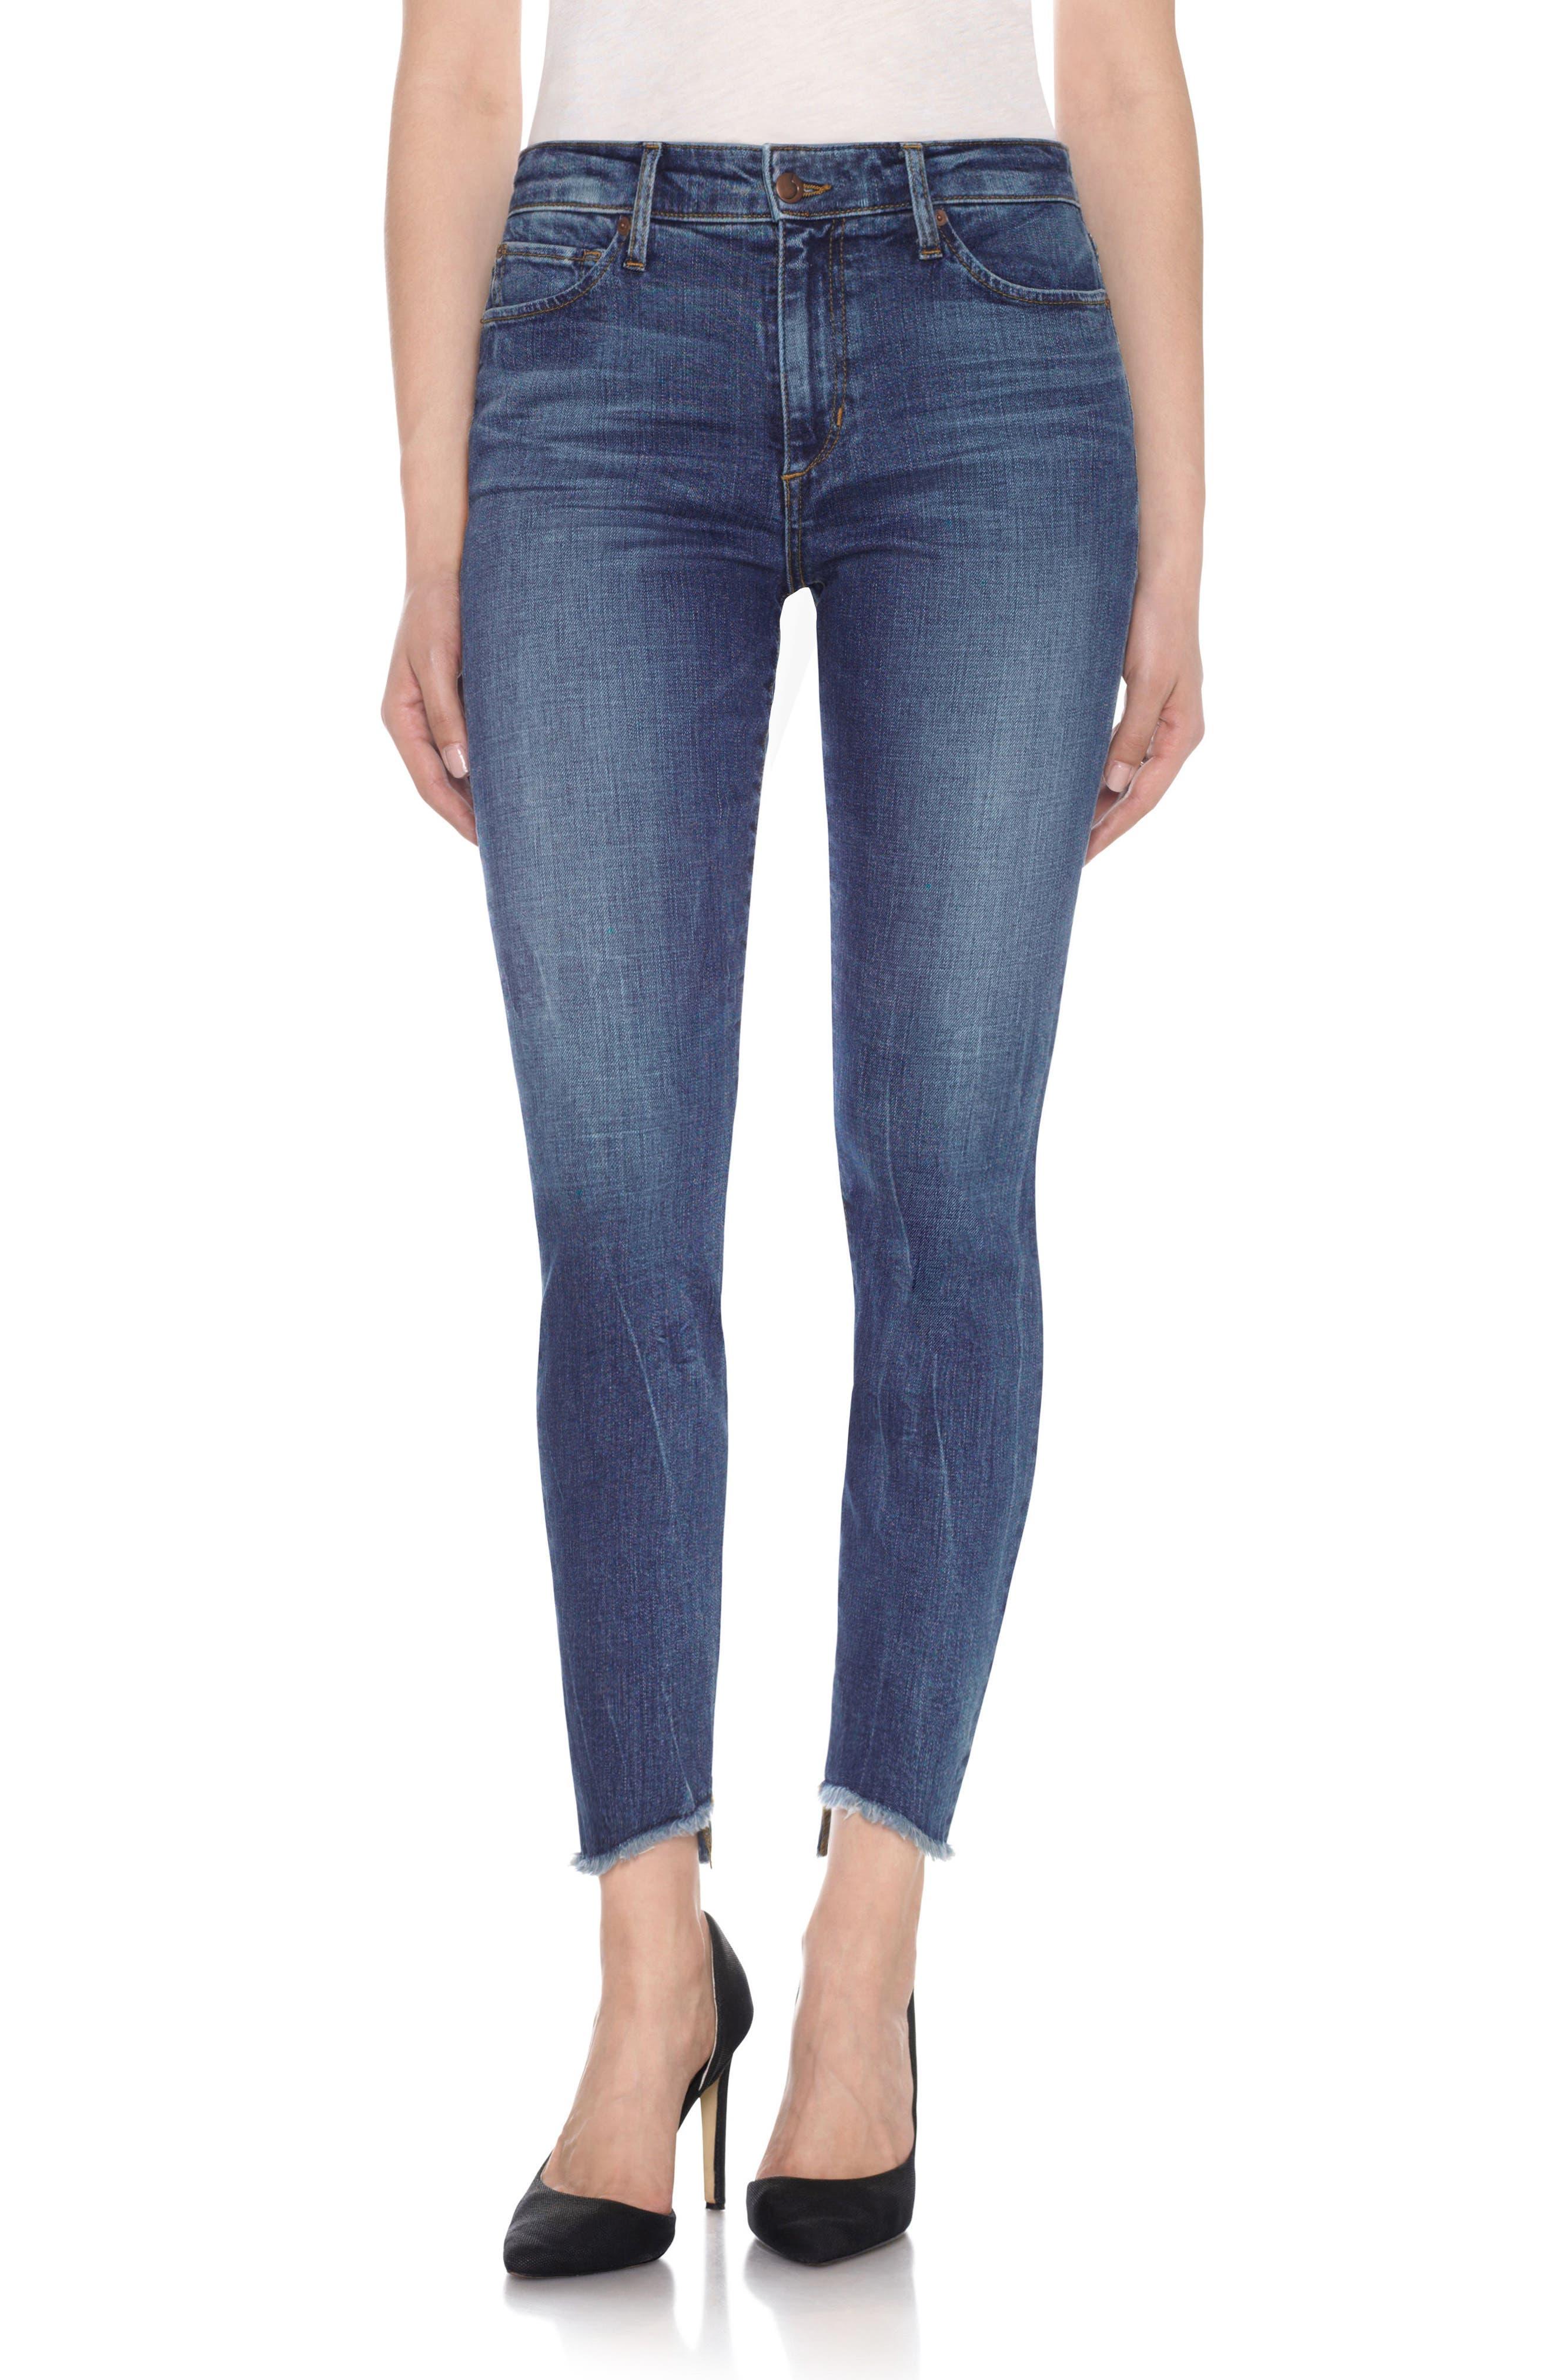 Main Image - Joe's Charlie - Blondie High Rise Ankle Skinny Jeans (Kody)